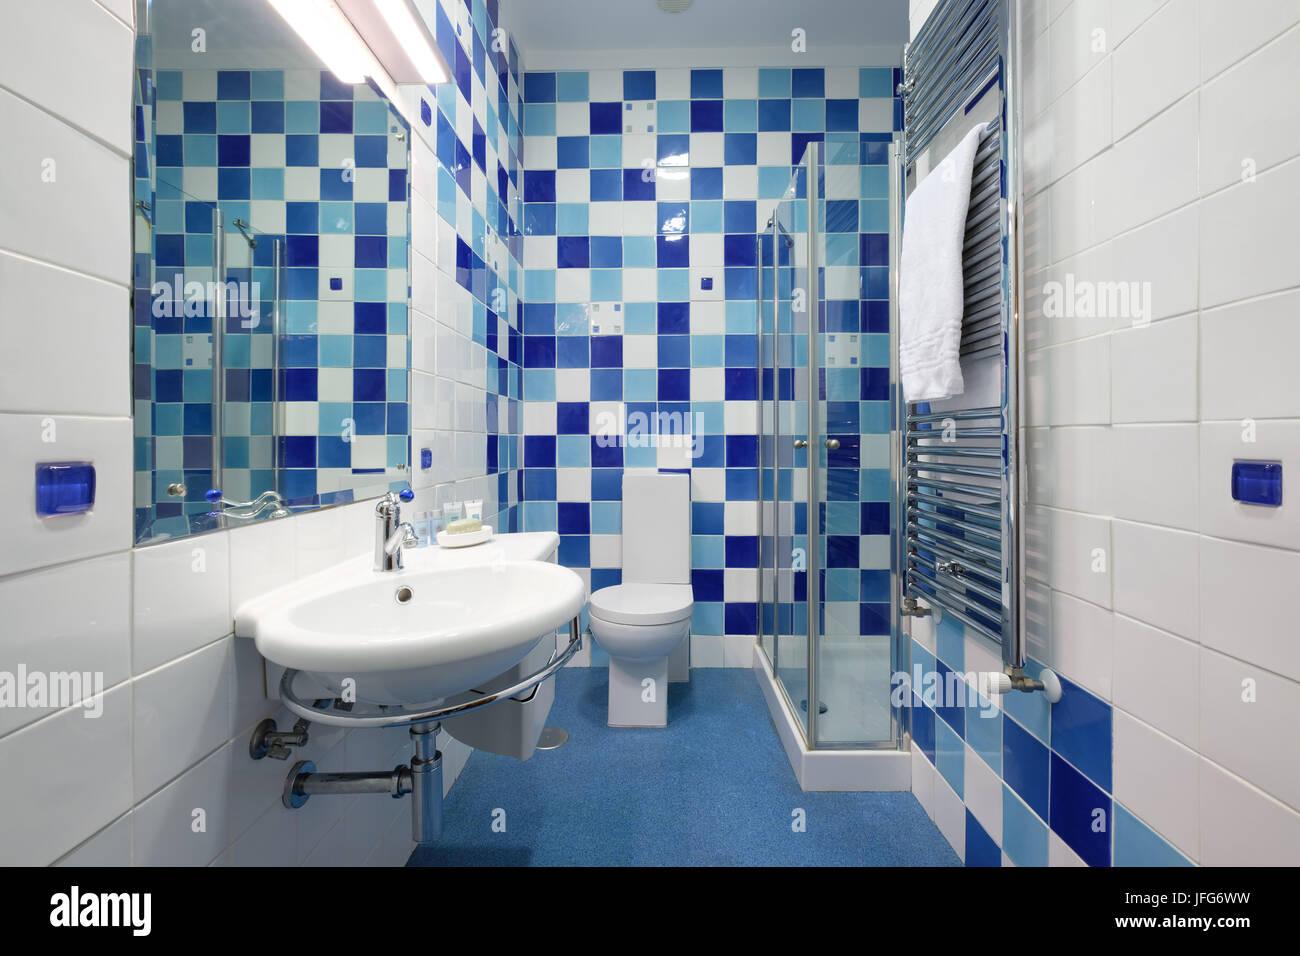 Moderno bagno con piastrelle blu foto immagine stock 147259445 alamy - Stock piastrelle bagno ...